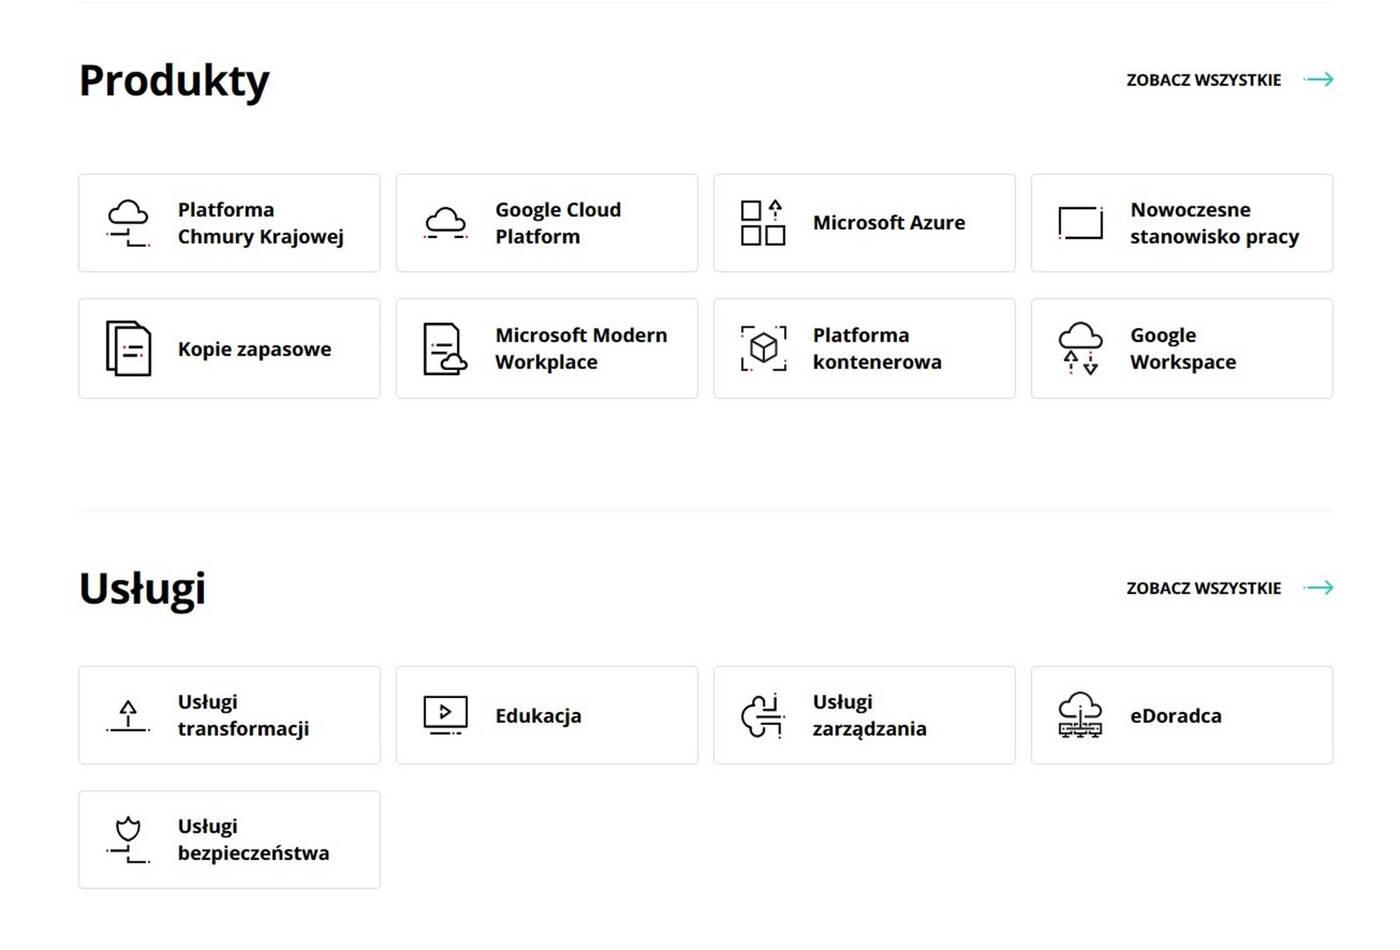 Google Cloud Warszawa otwarte. Polska z bezpośrednim dostępem do zasobów Google